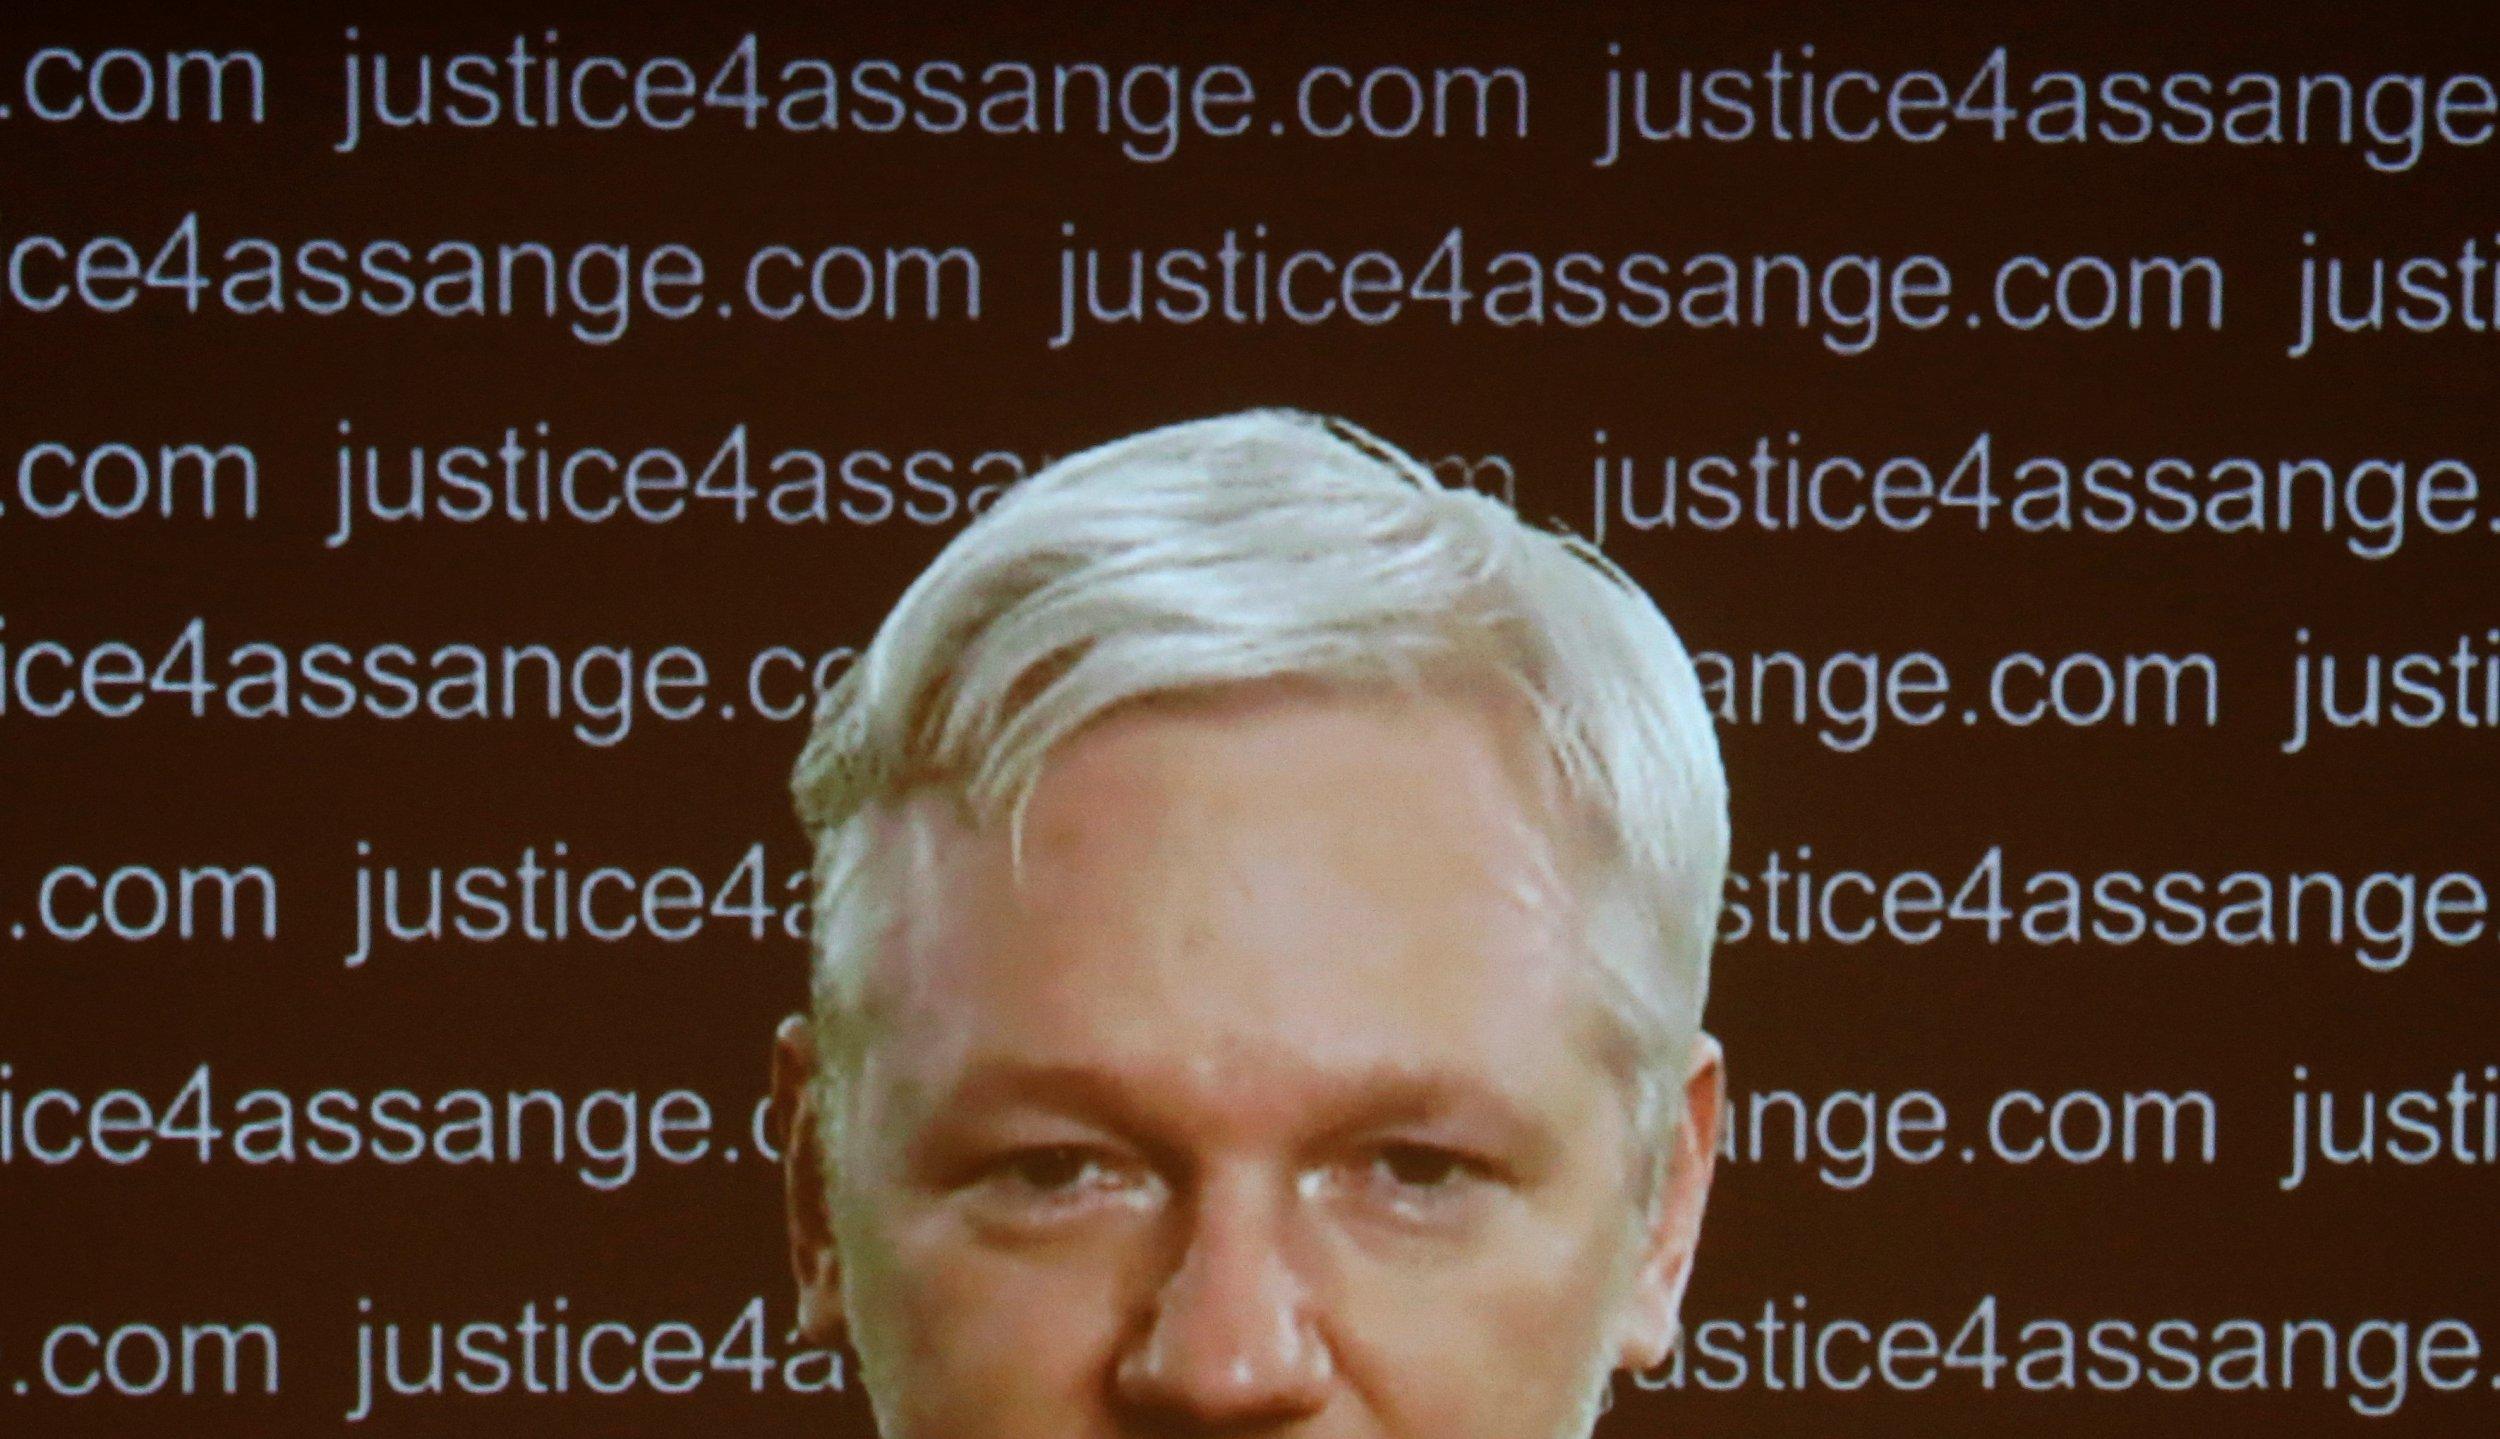 julian assange wikileaks donald trump